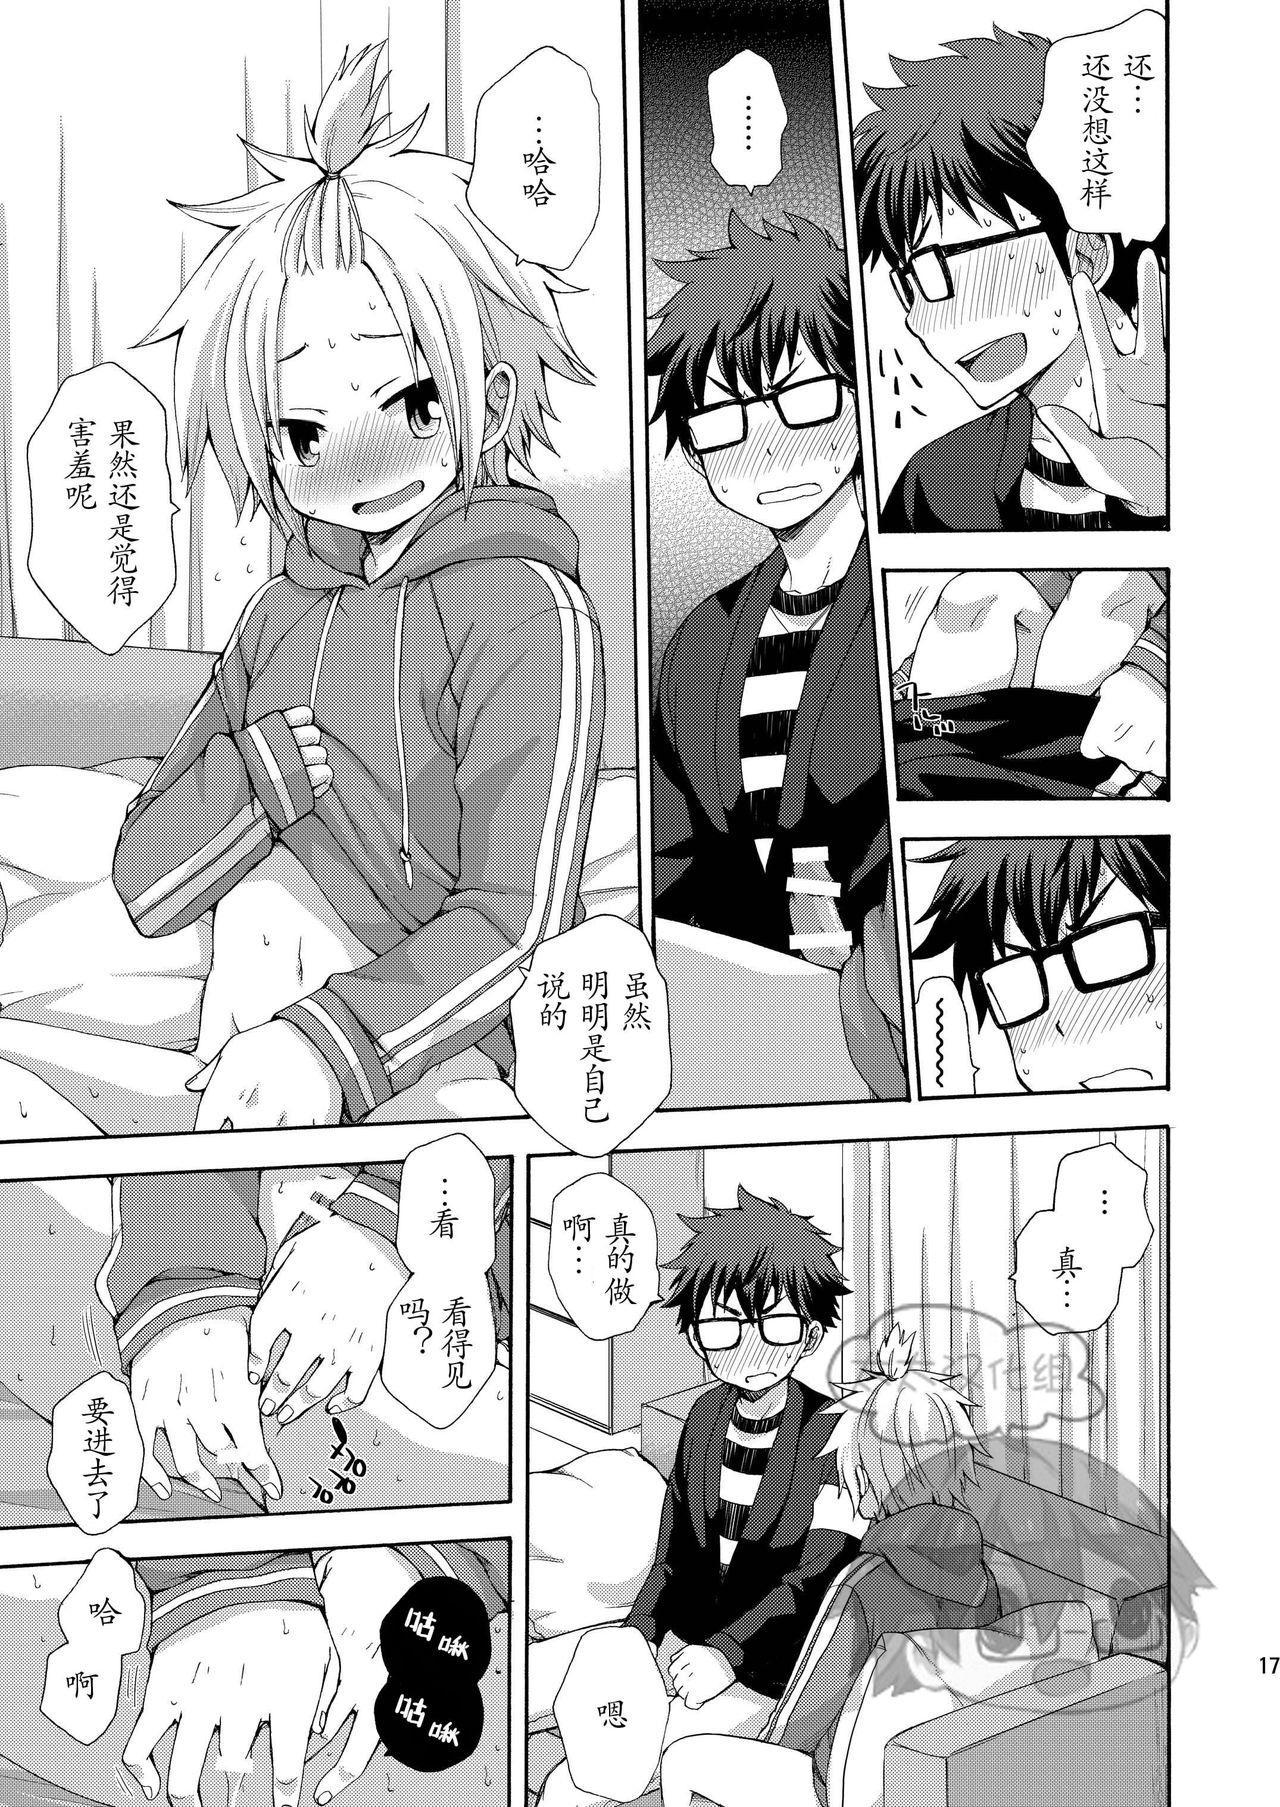 Otouto ga Dekimashita 16